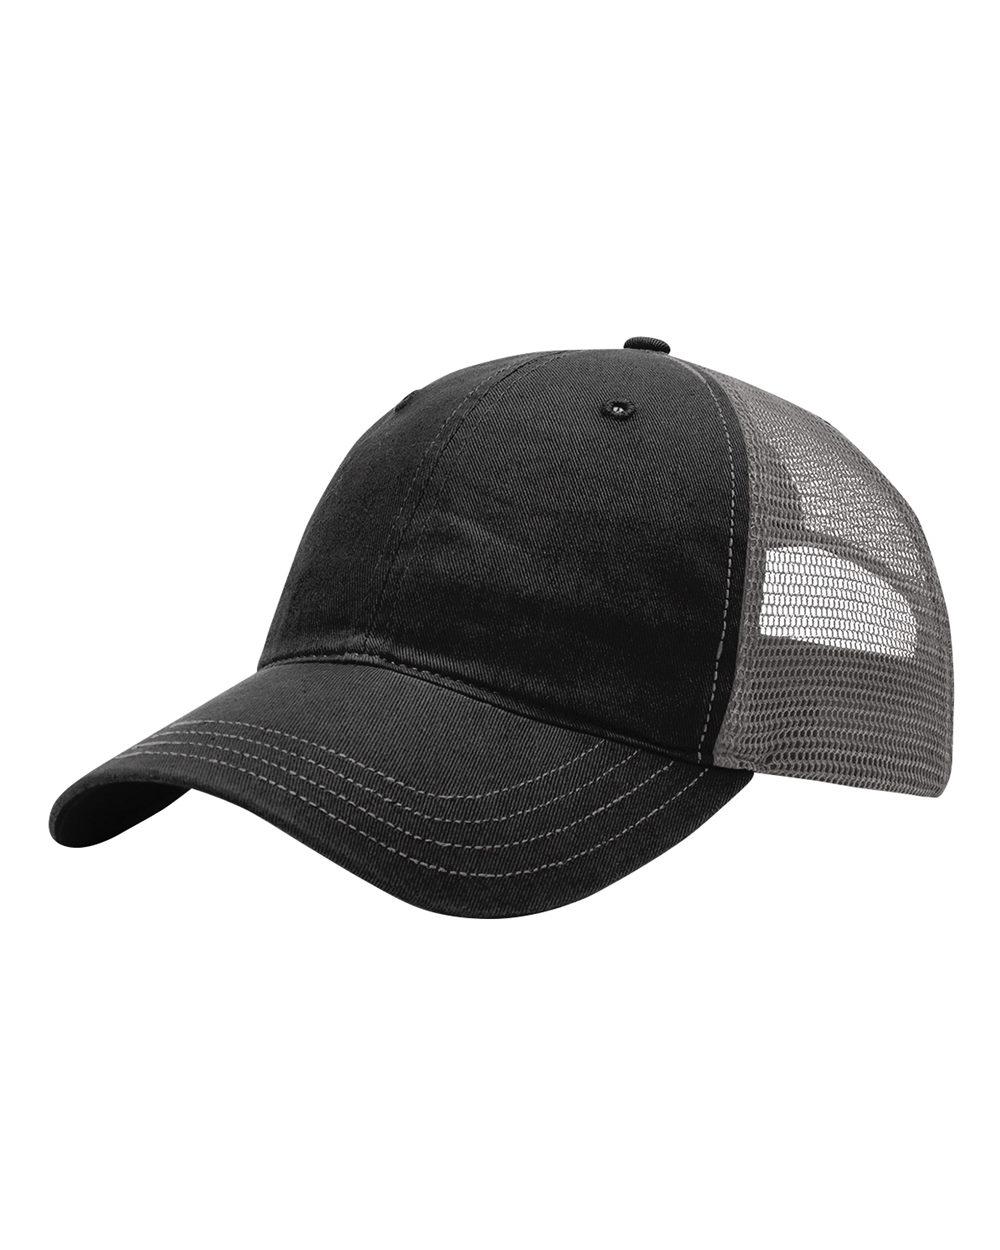 Richardson 112P - Patterned Snapback Trucker Cap  6.00 - Headwear 87f2c0f943d